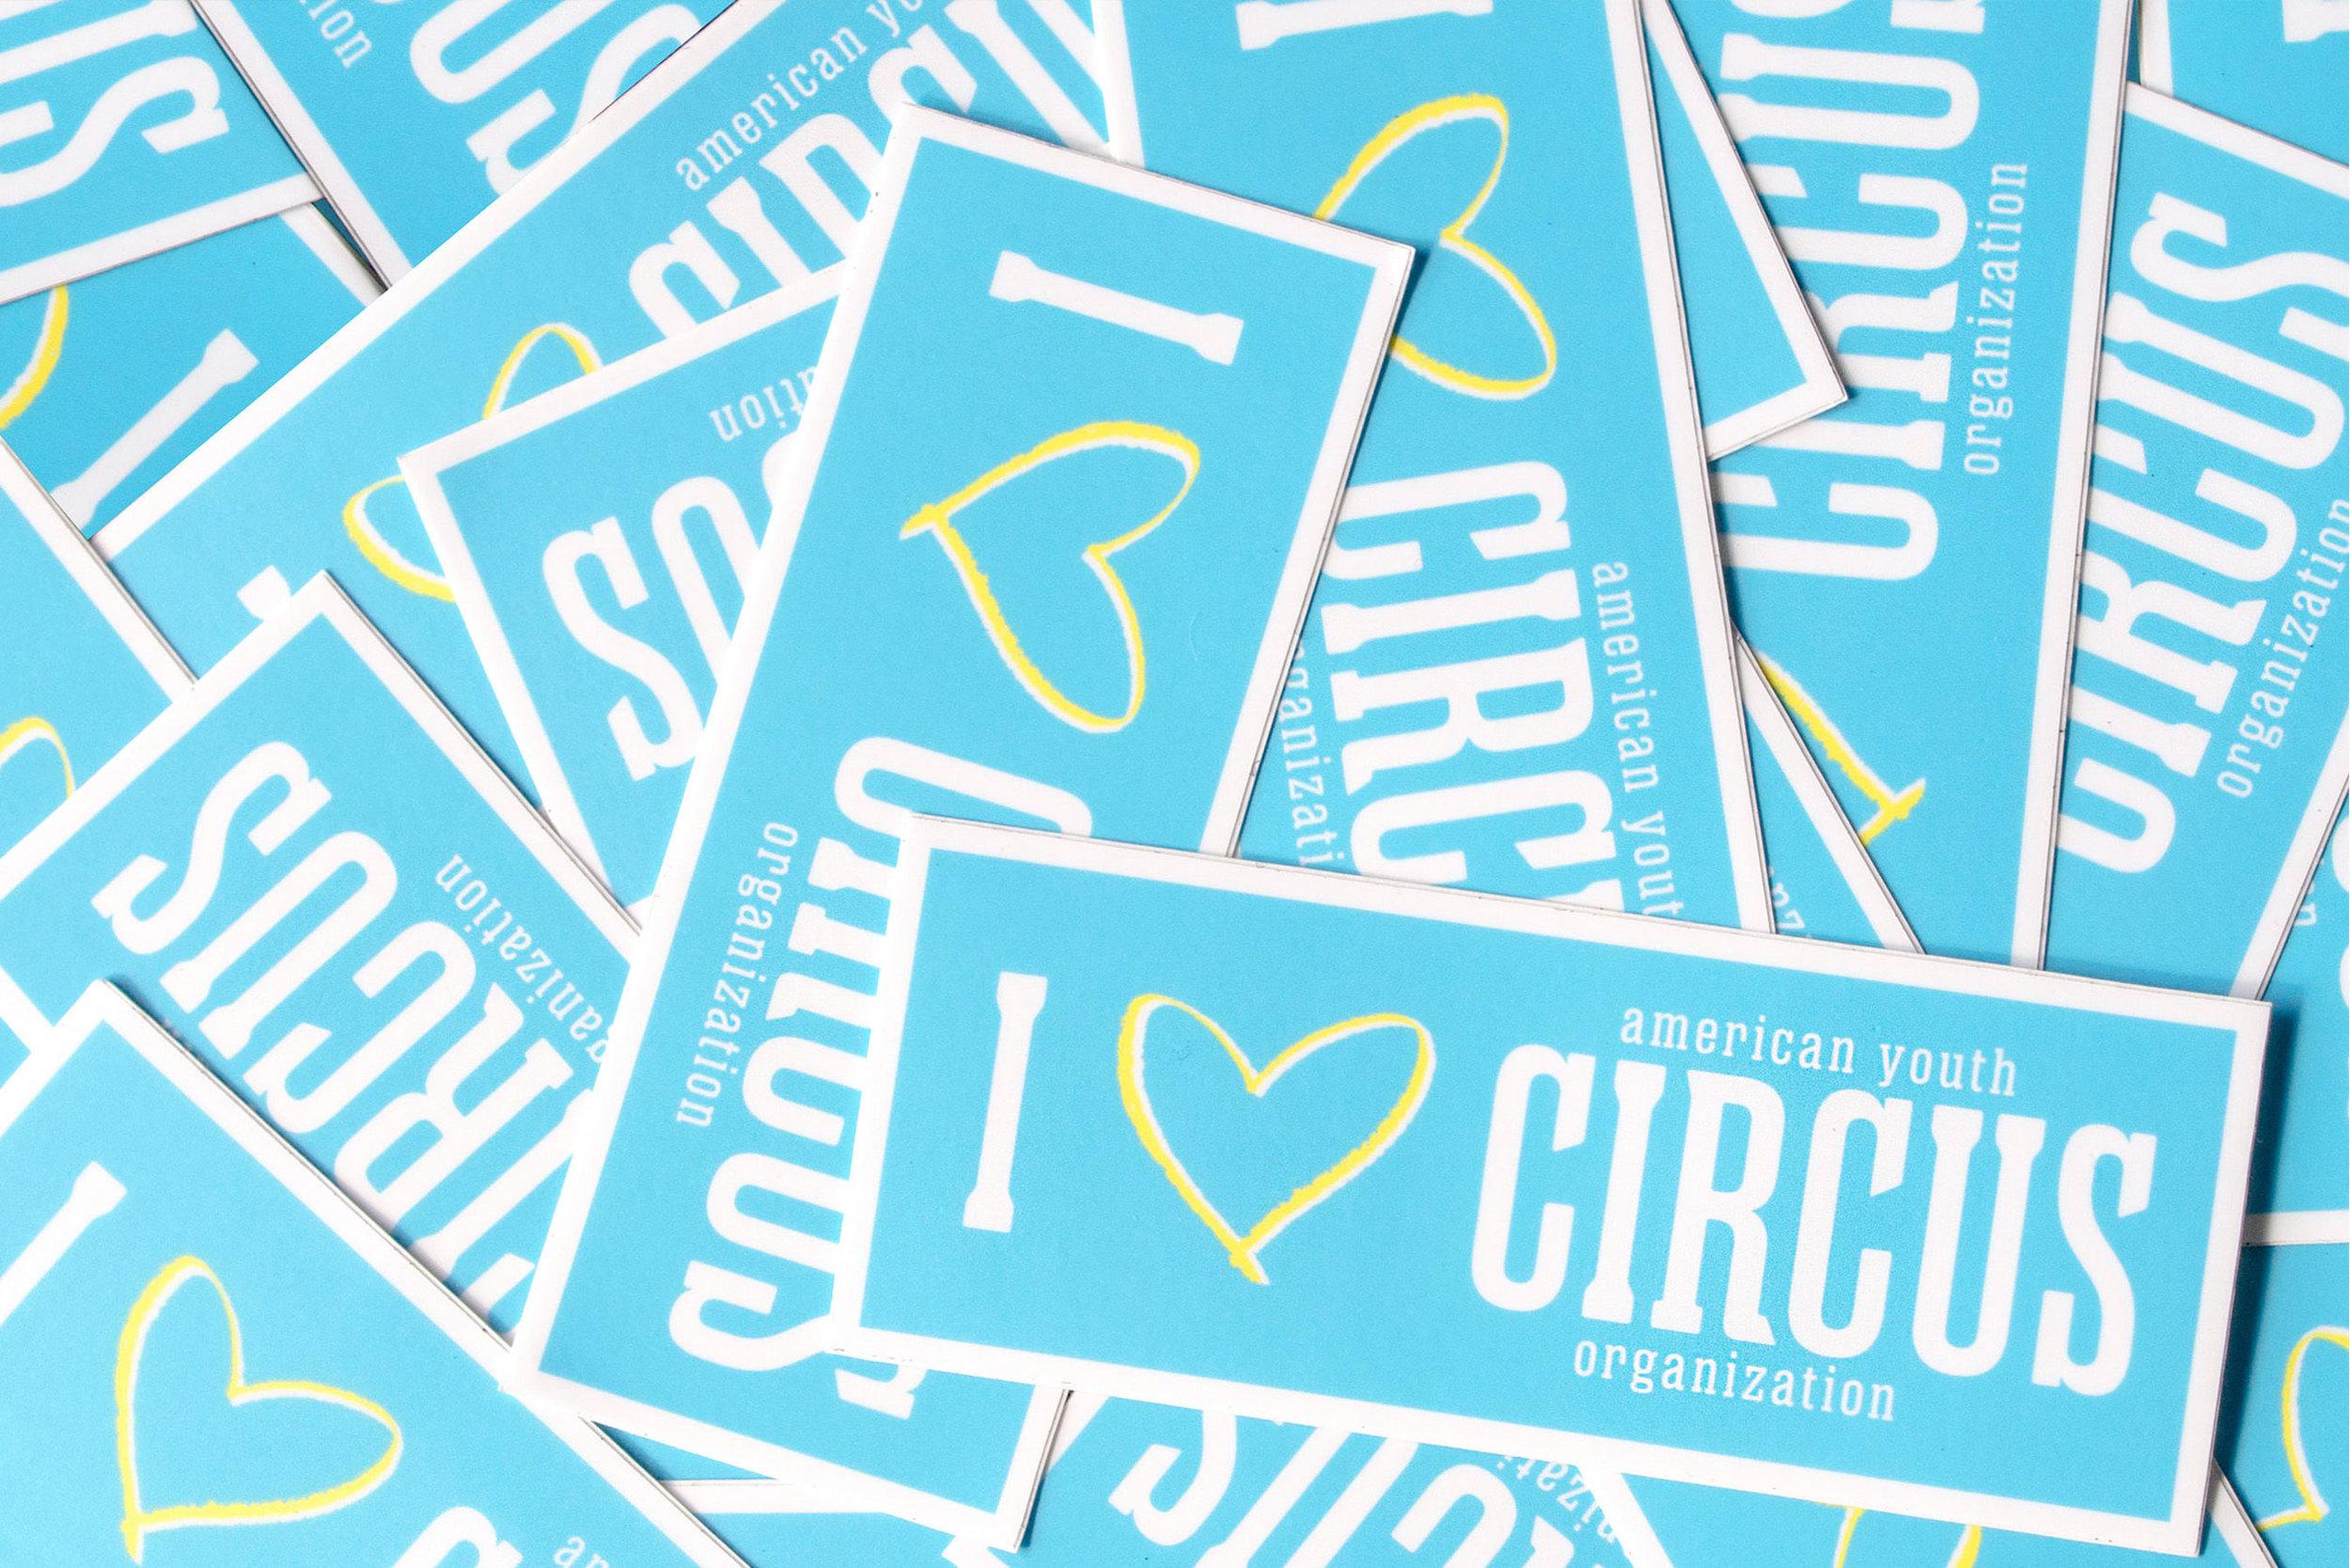 stickers1-1345x898@2x.jpg